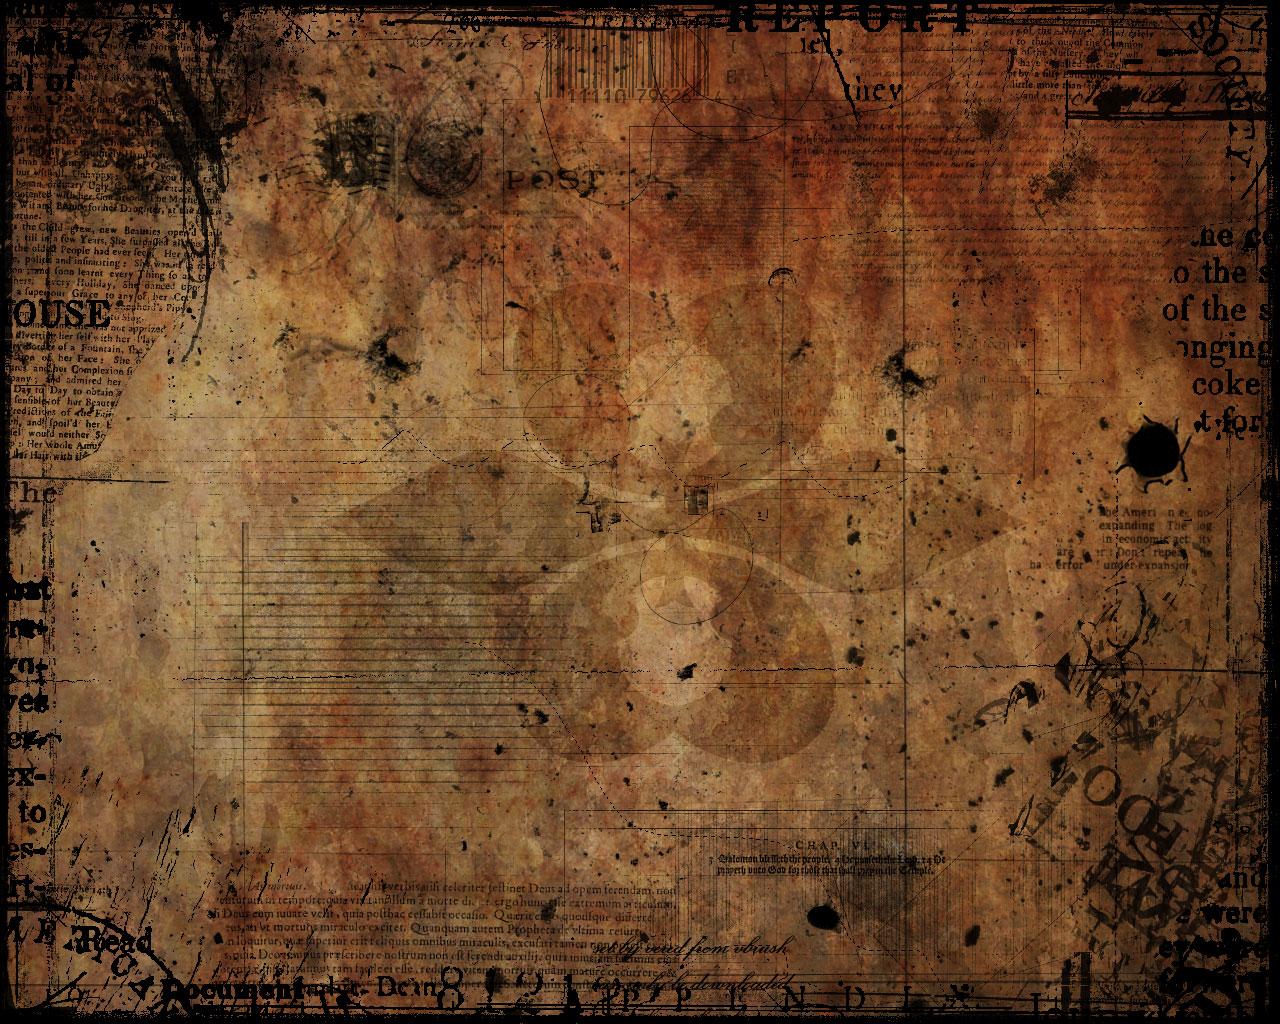 grunge wallpaper 1 grunge wallpaper 2 grunge wallpaper 3 grunge 1280x1024